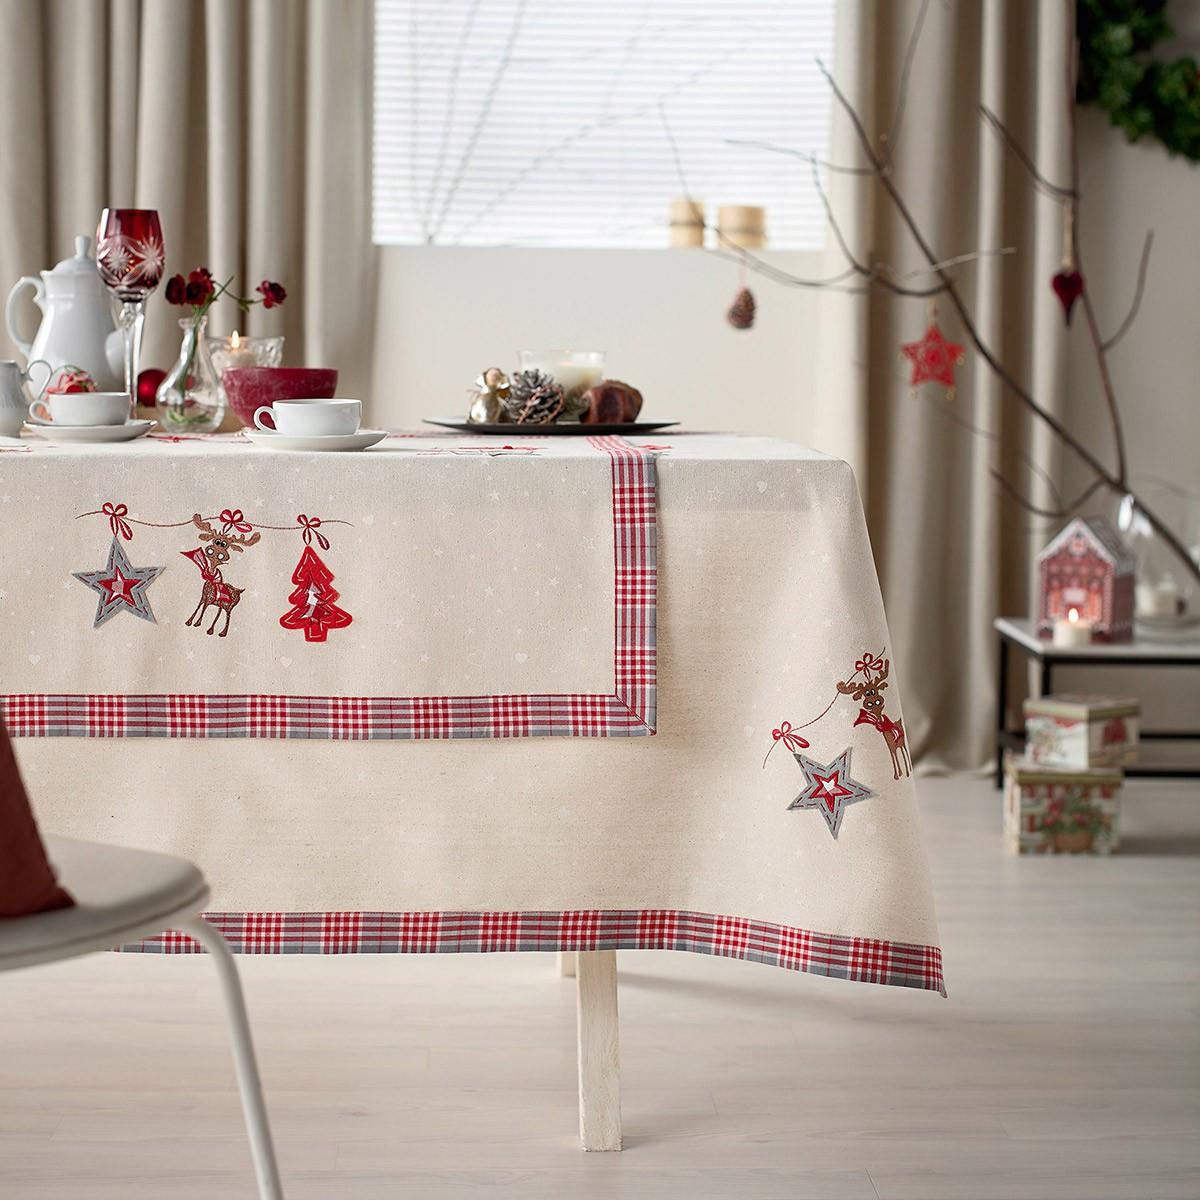 Χριστουγεννιάτικο Τραπεζομάντηλο (135×135) Gofis Home 336